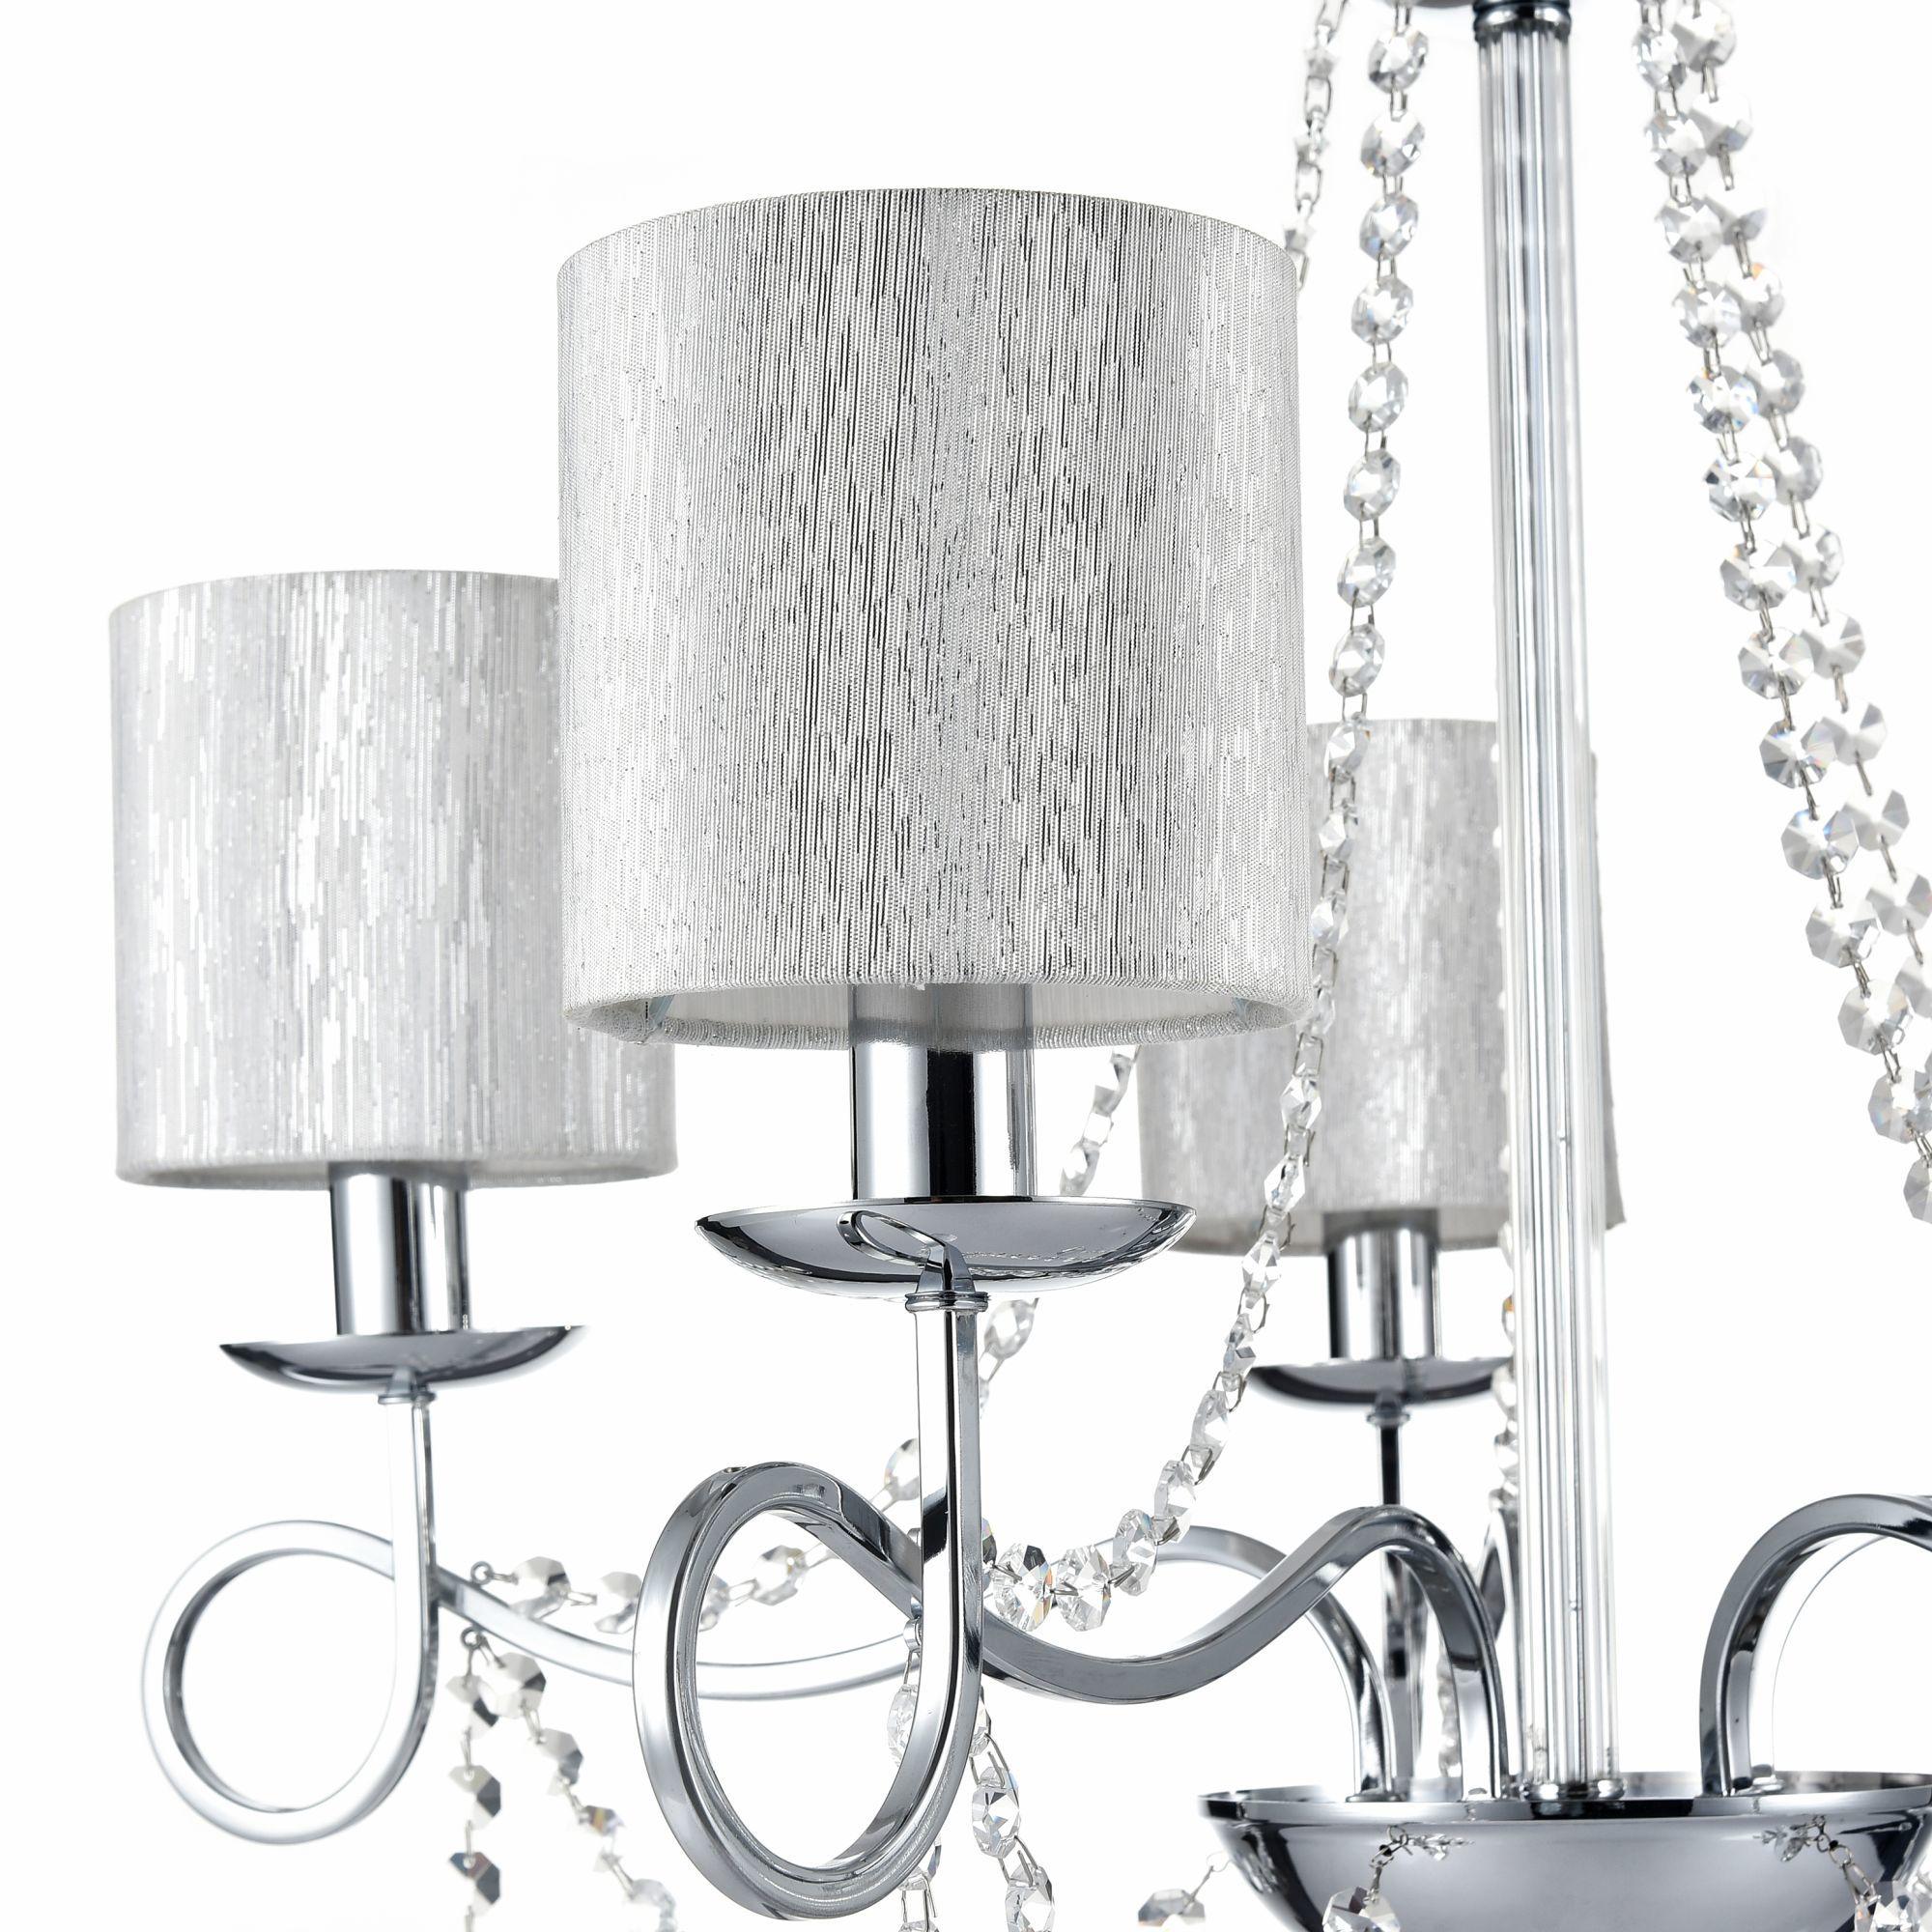 Подвесная люстра Freya Morel FR2907-PL-05-CH (FR907-05-N), 5xE14x40W, хром, серебро, прозрачный, металл, текстиль, хрусталь - фото 6